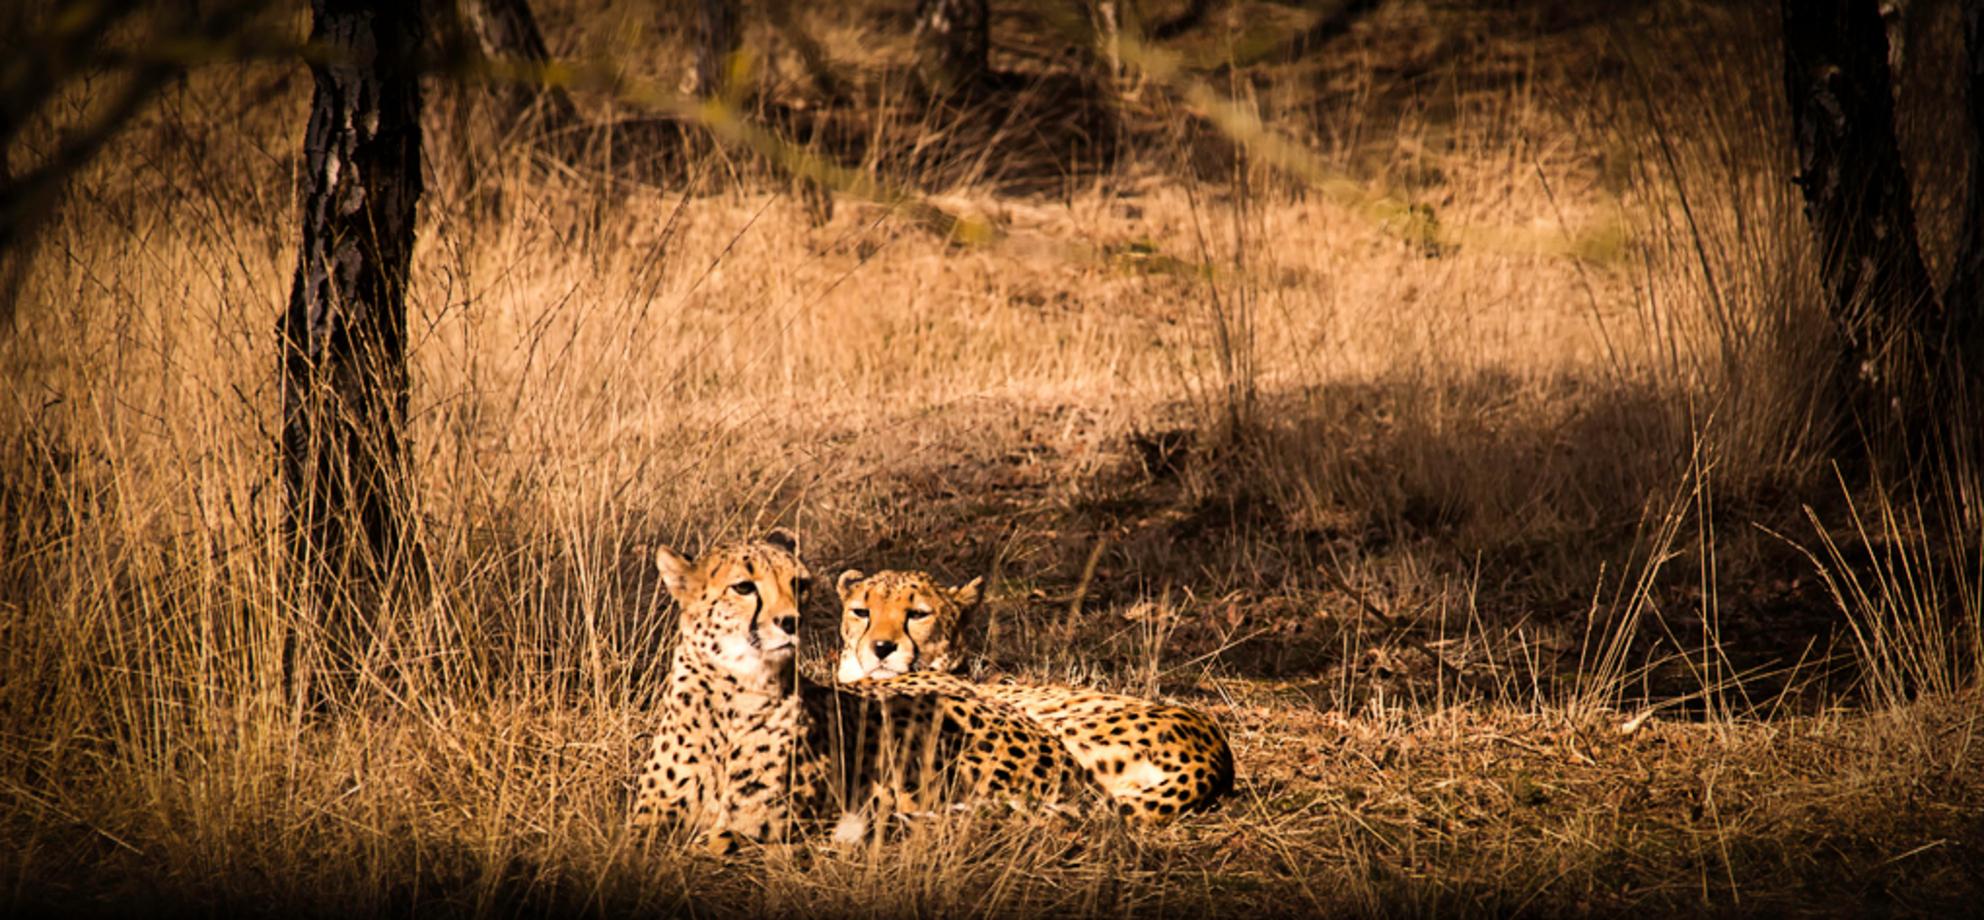 Lekker in het zonnetje - Cheetah's in de zon bij Safaripark Beekse Bergen - foto door canon85 op 29-02-2016 - deze foto bevat: dierentuin, natuur, dieren, safari, afrika, wildlife, luipaard